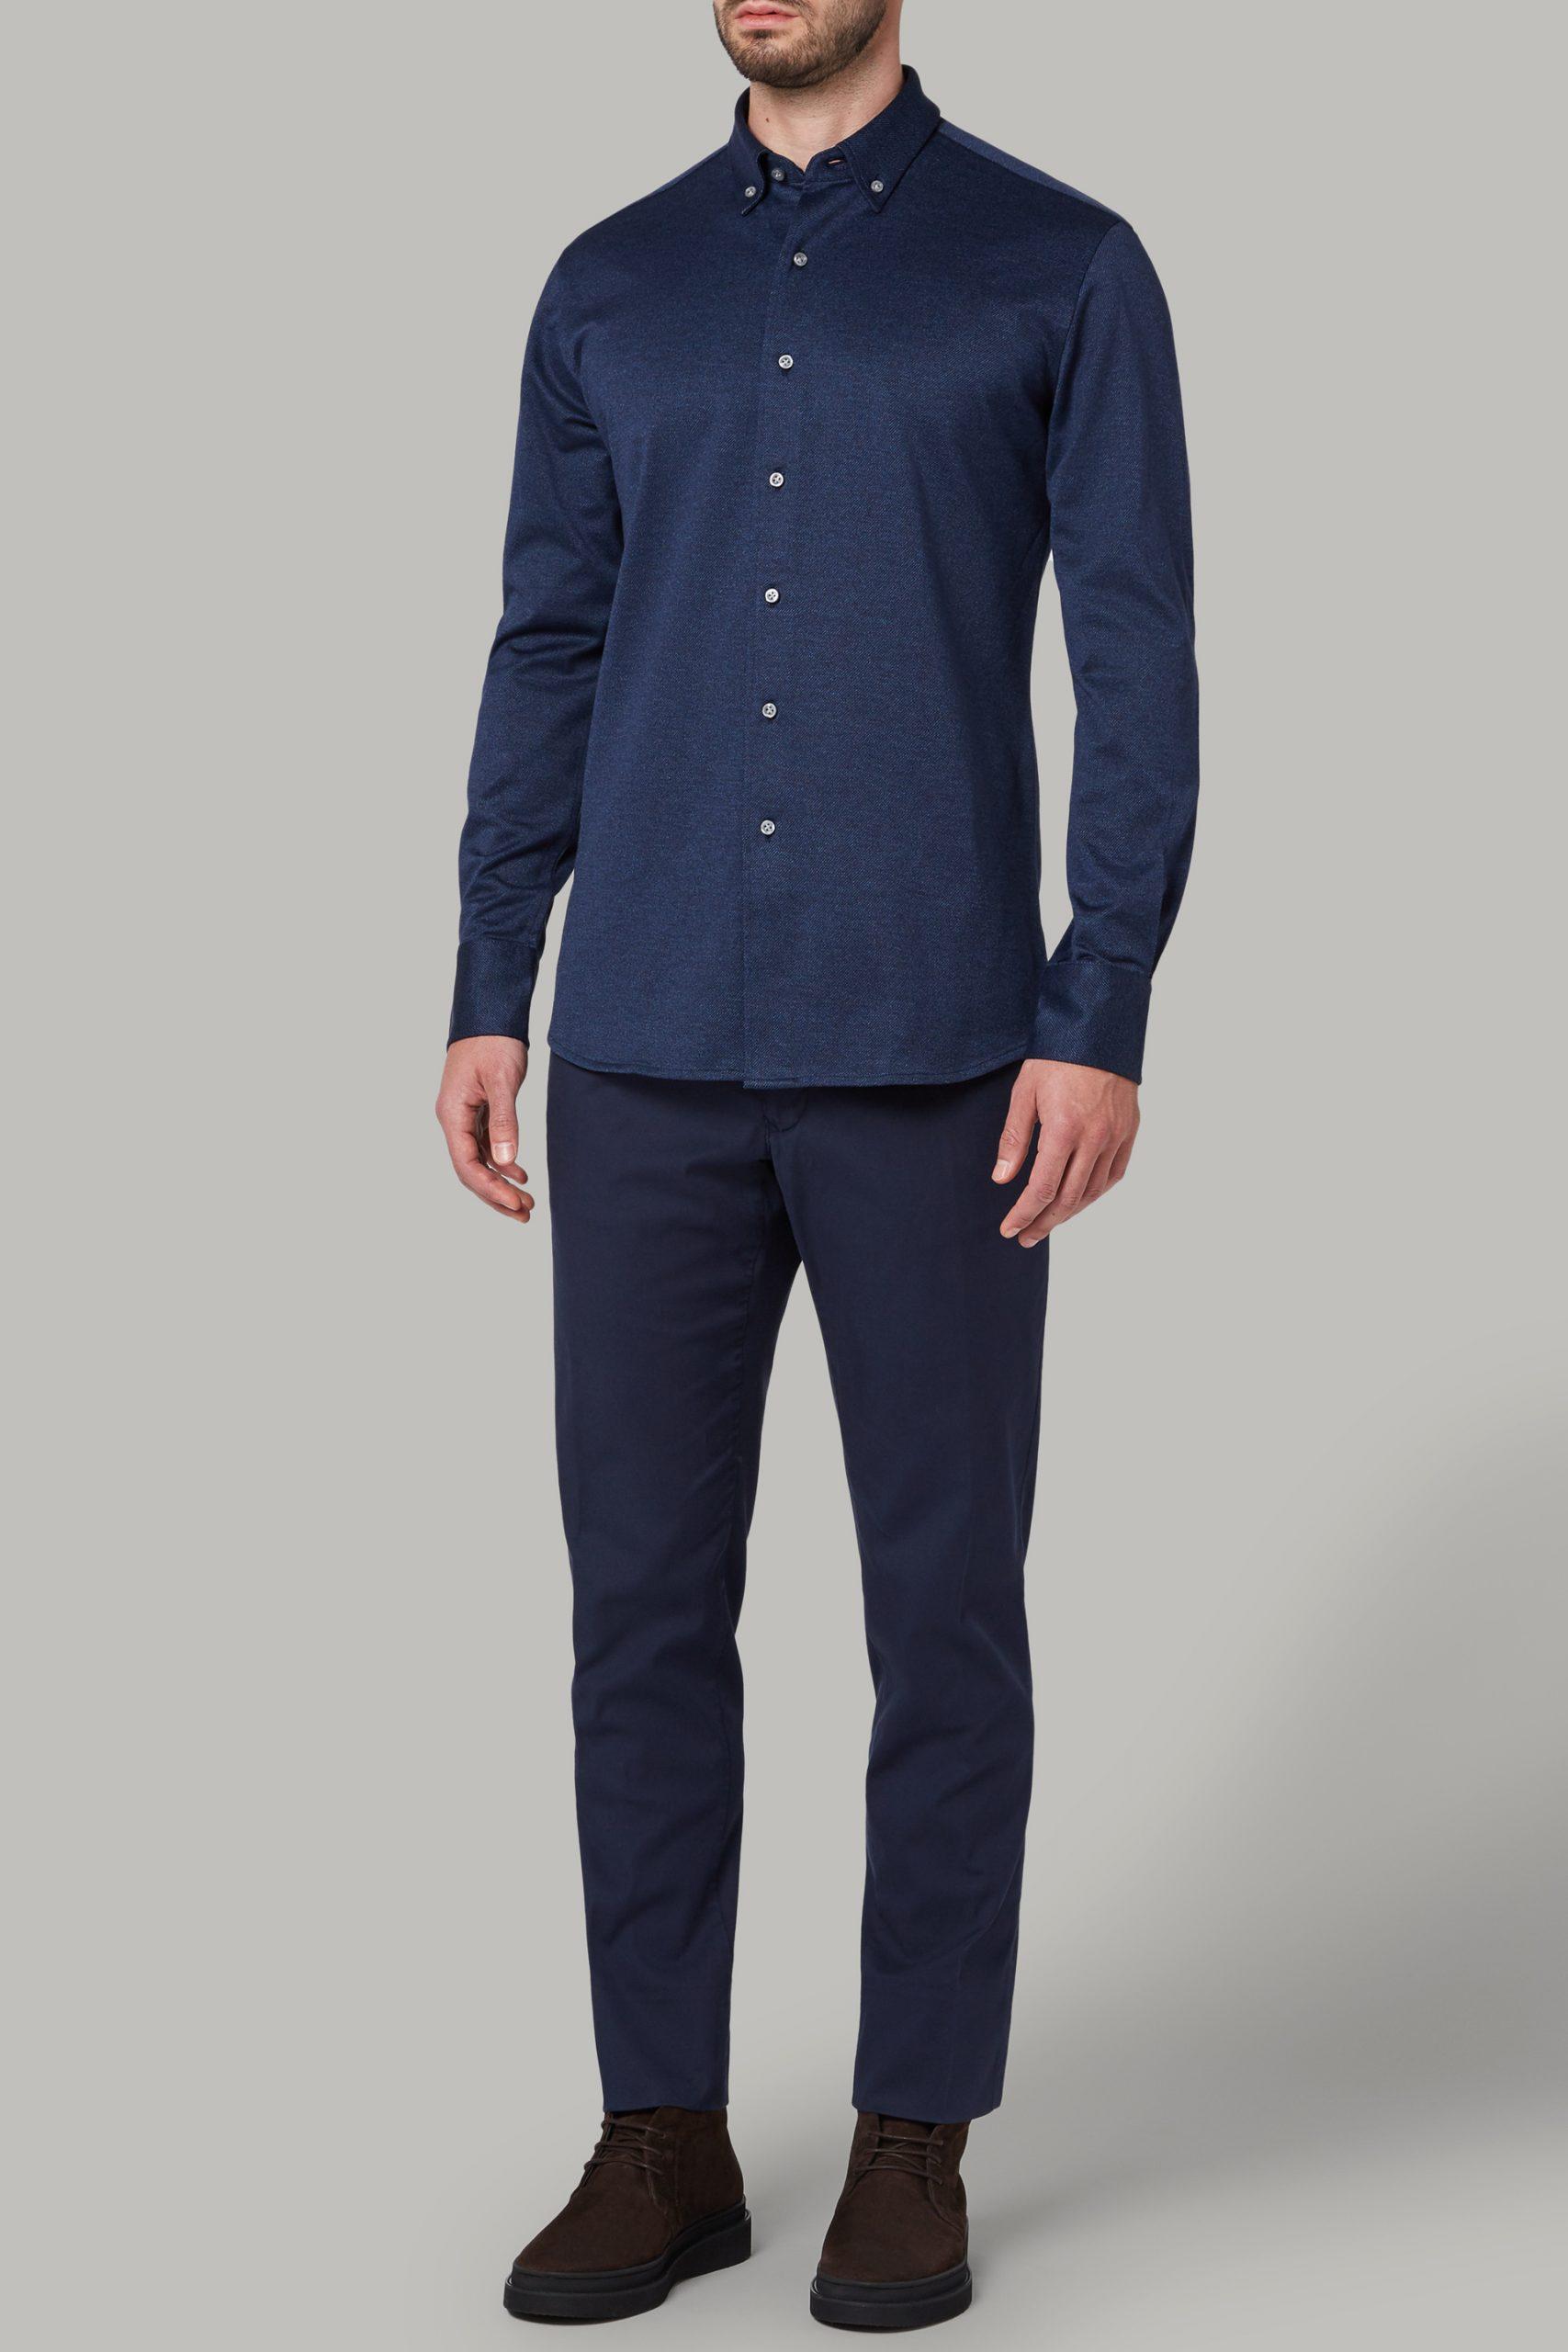 Camicie da uomo in colore Denim in materiale